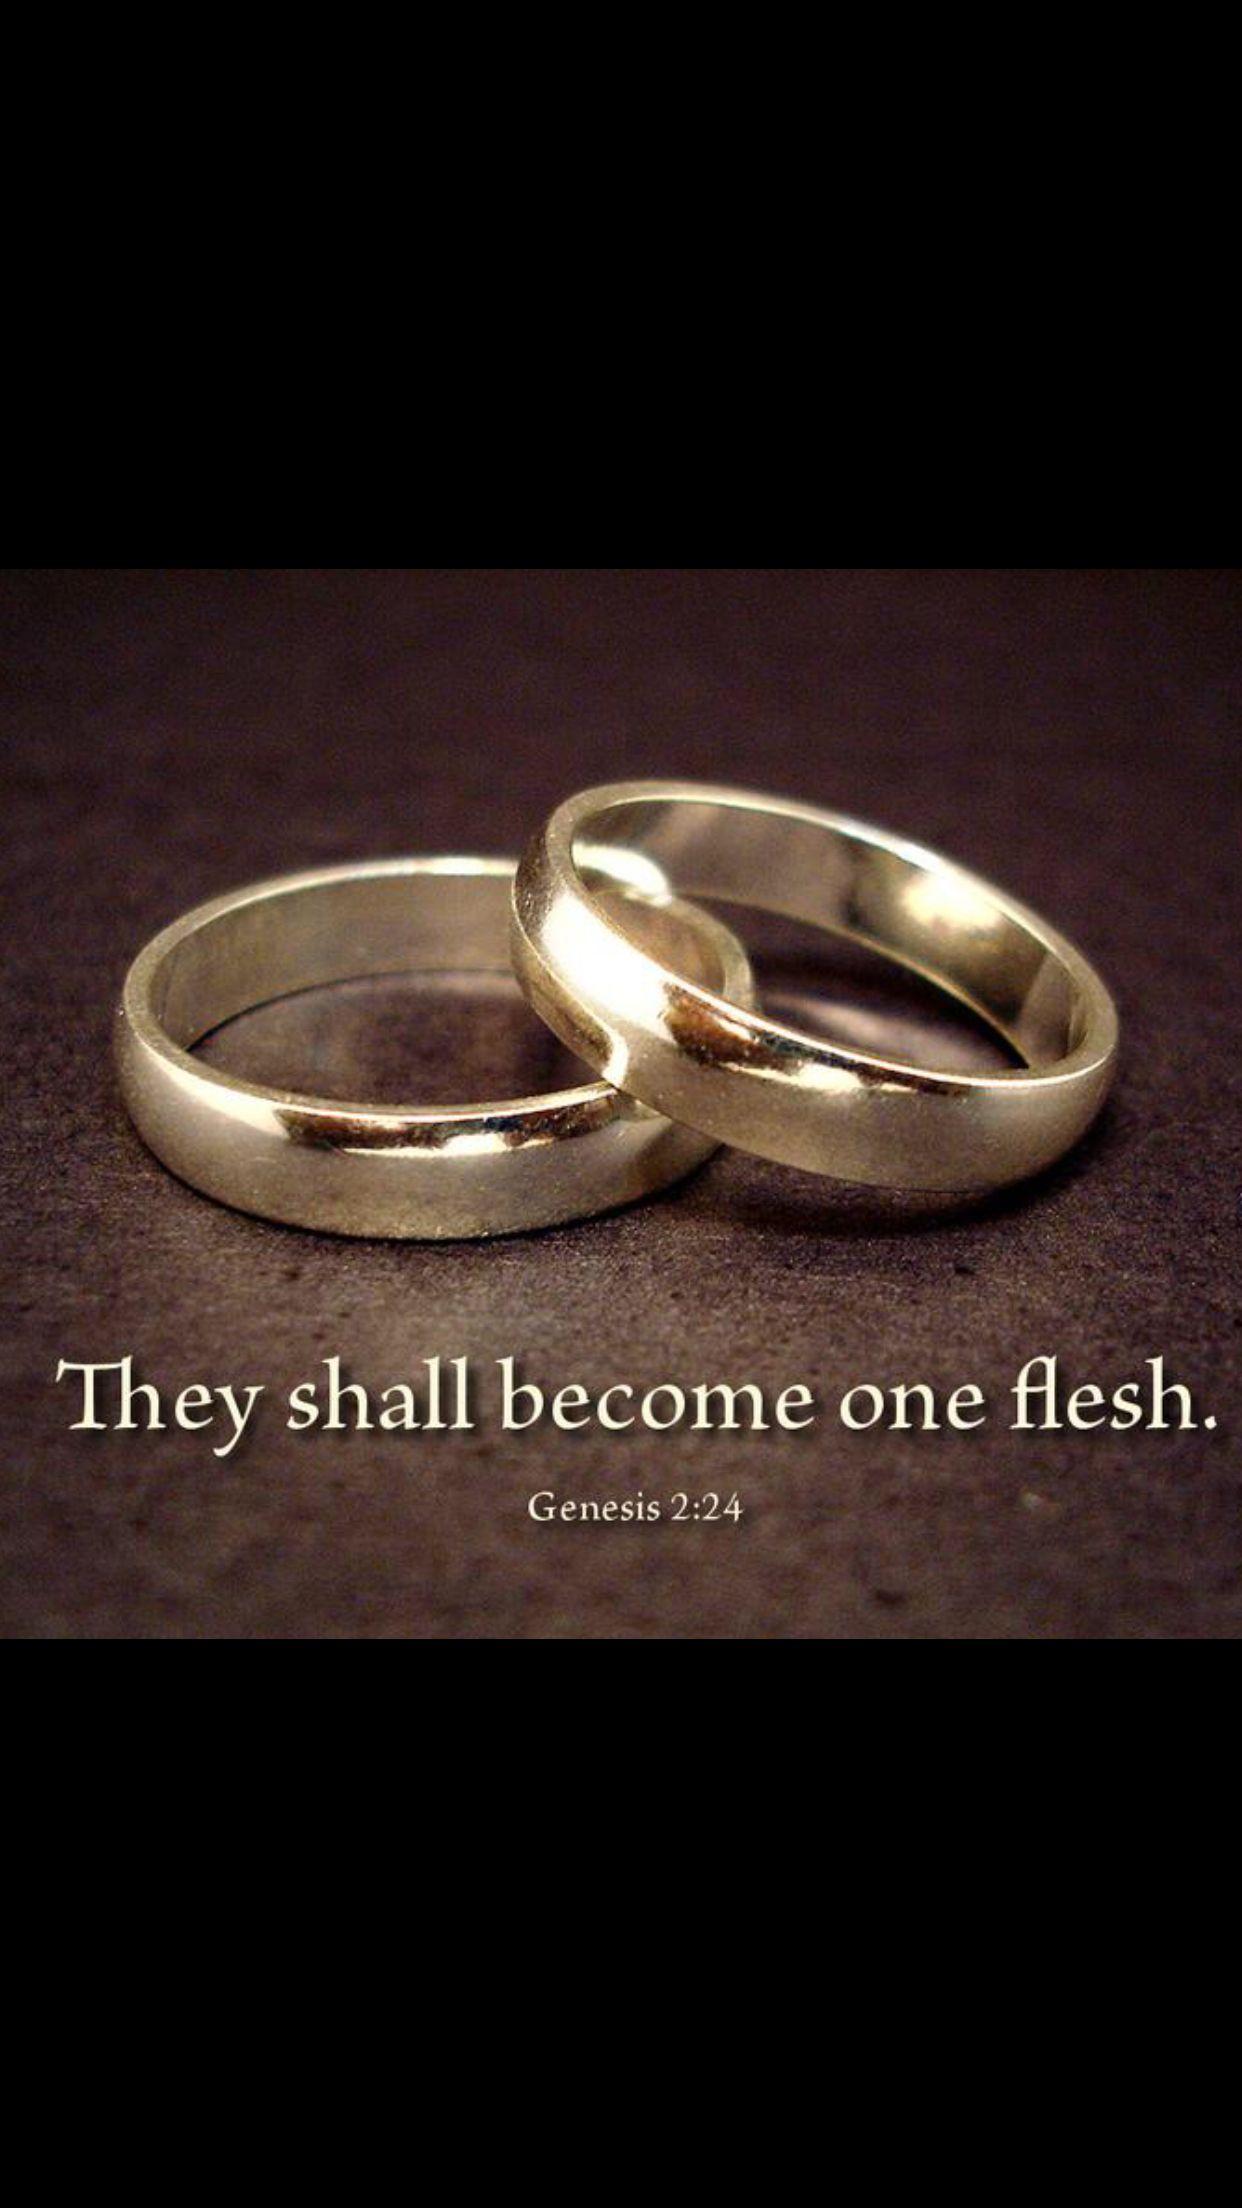 Matrimonio Biblia Quiz : Genesis 2:24 biblia genesis love marriage happy marriage y